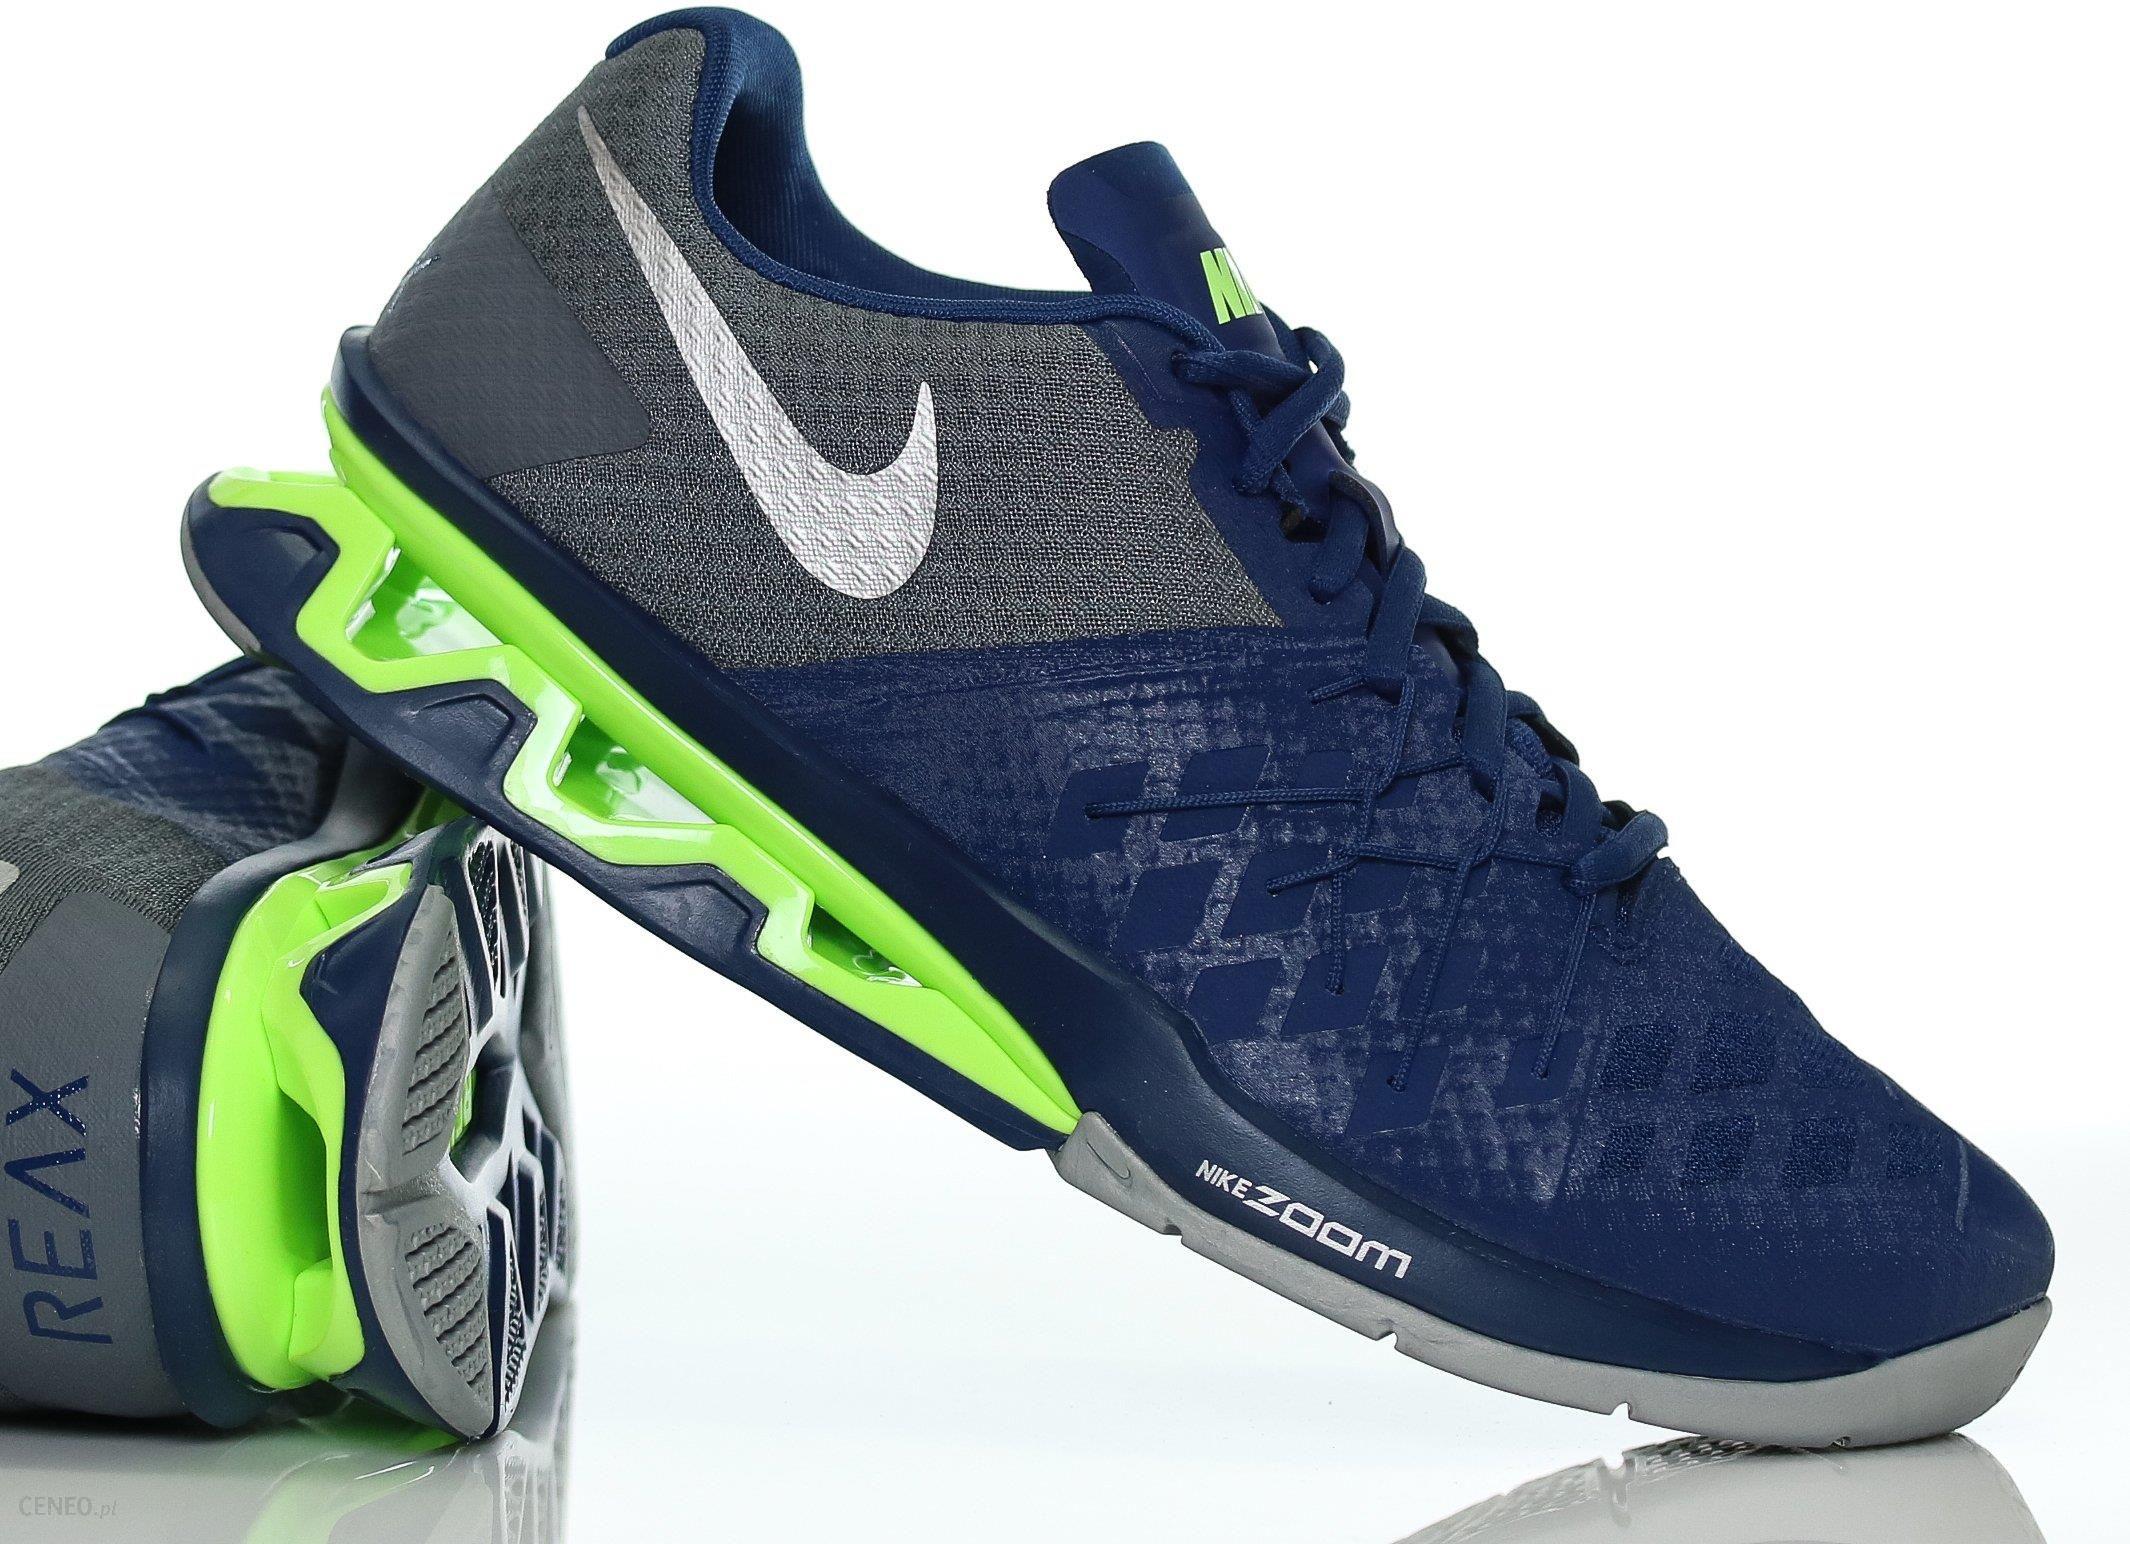 Buty męskie Nike Reax Lightspeed II 852694 400 r43 Ceny i opinie Ceneo.pl